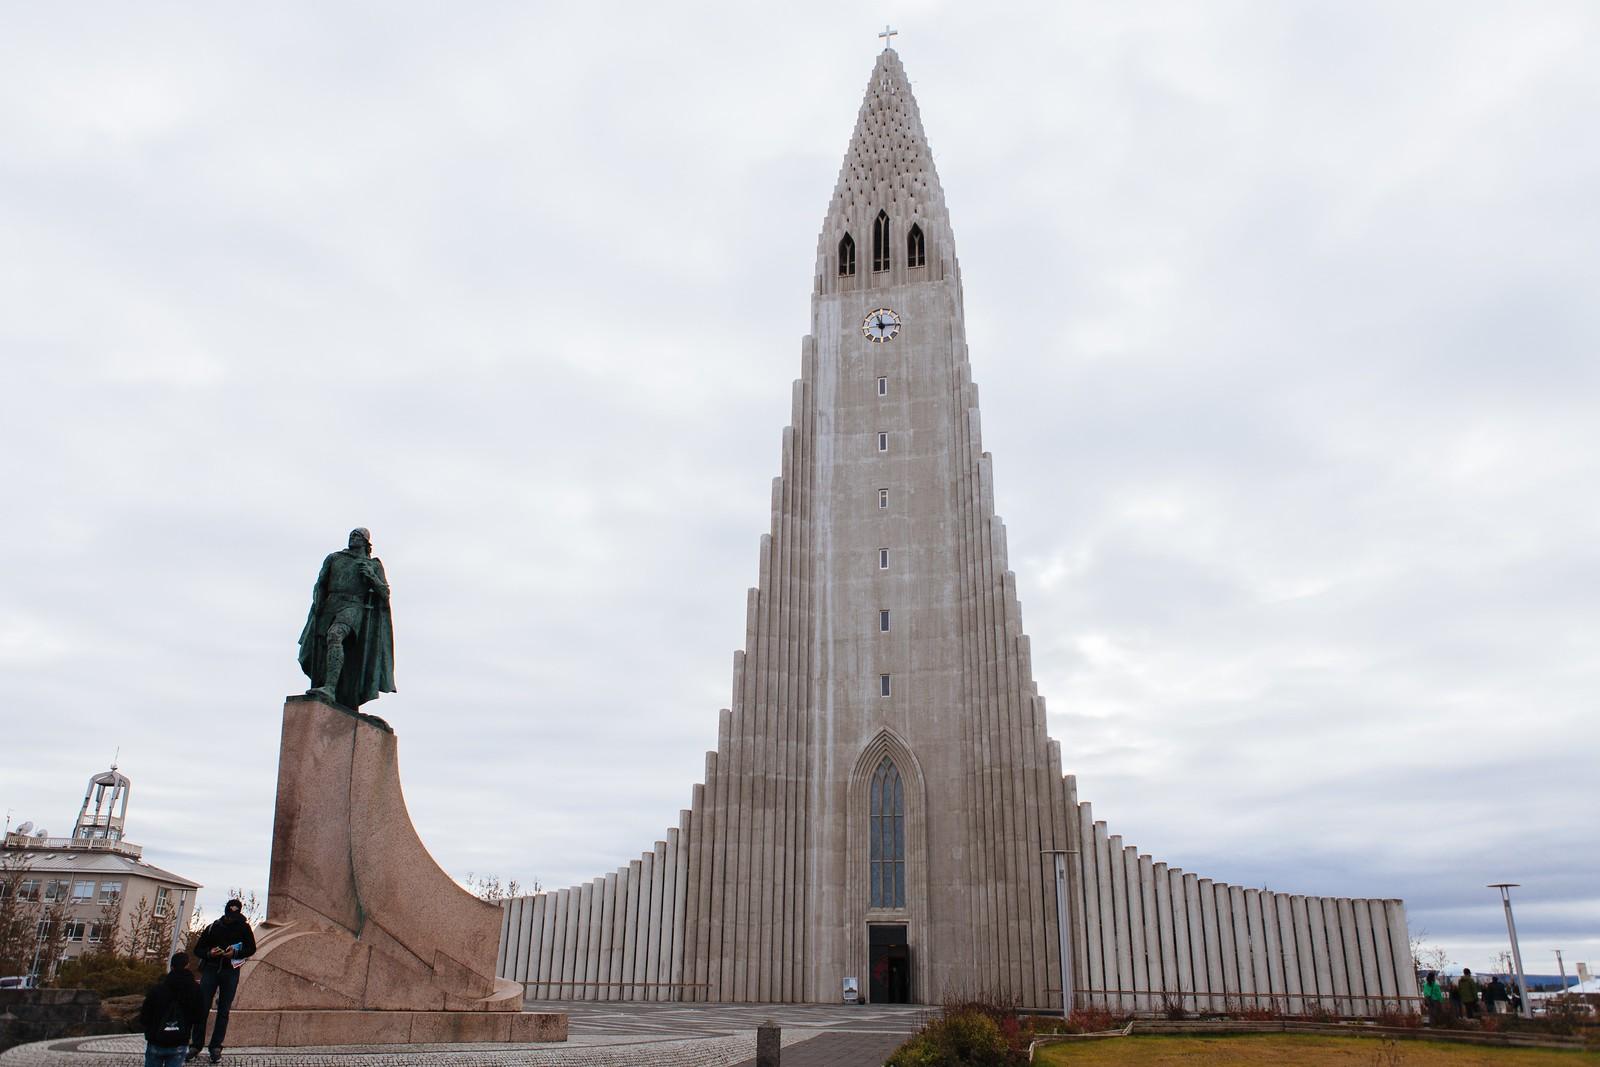 【北歐自助旅行】Day 6(哈爾格林姆教堂、阿克雷裡大教堂、高莎瀑布)